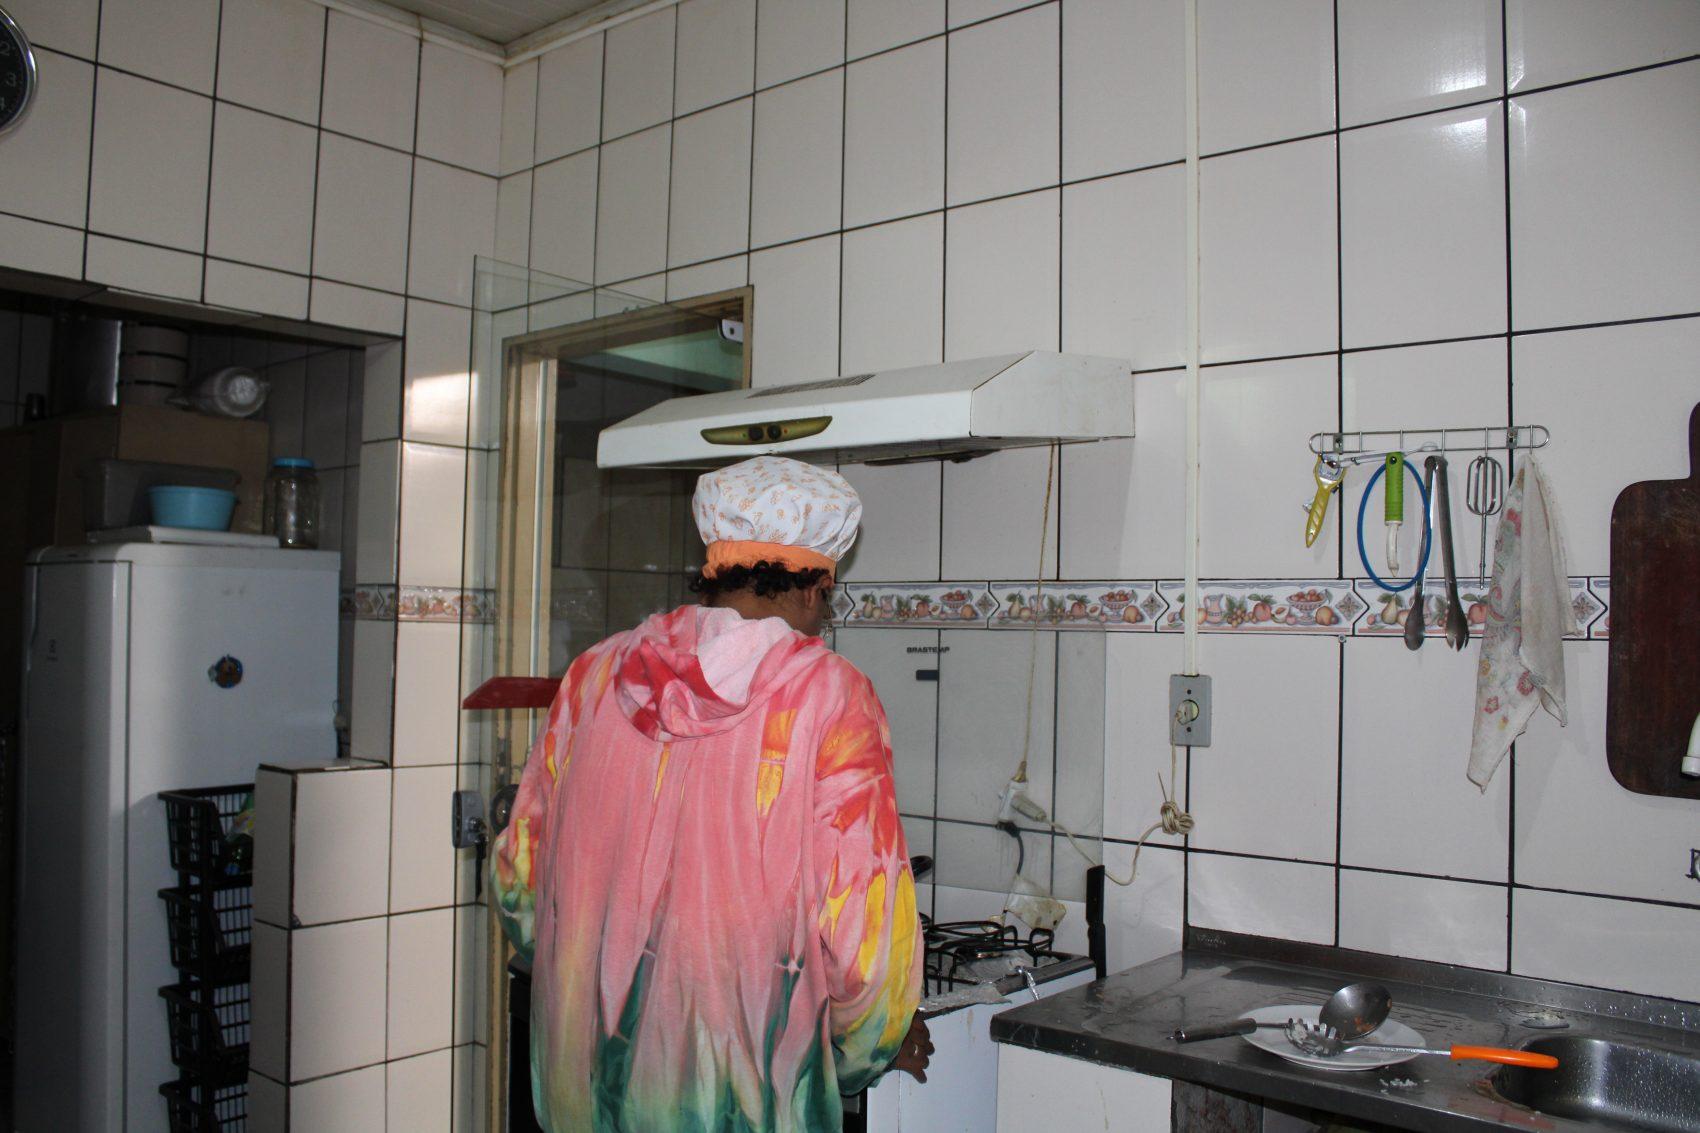 Interna na cozinha do abrigo: tarefas são divididas por todos (Foto: André Giusti)